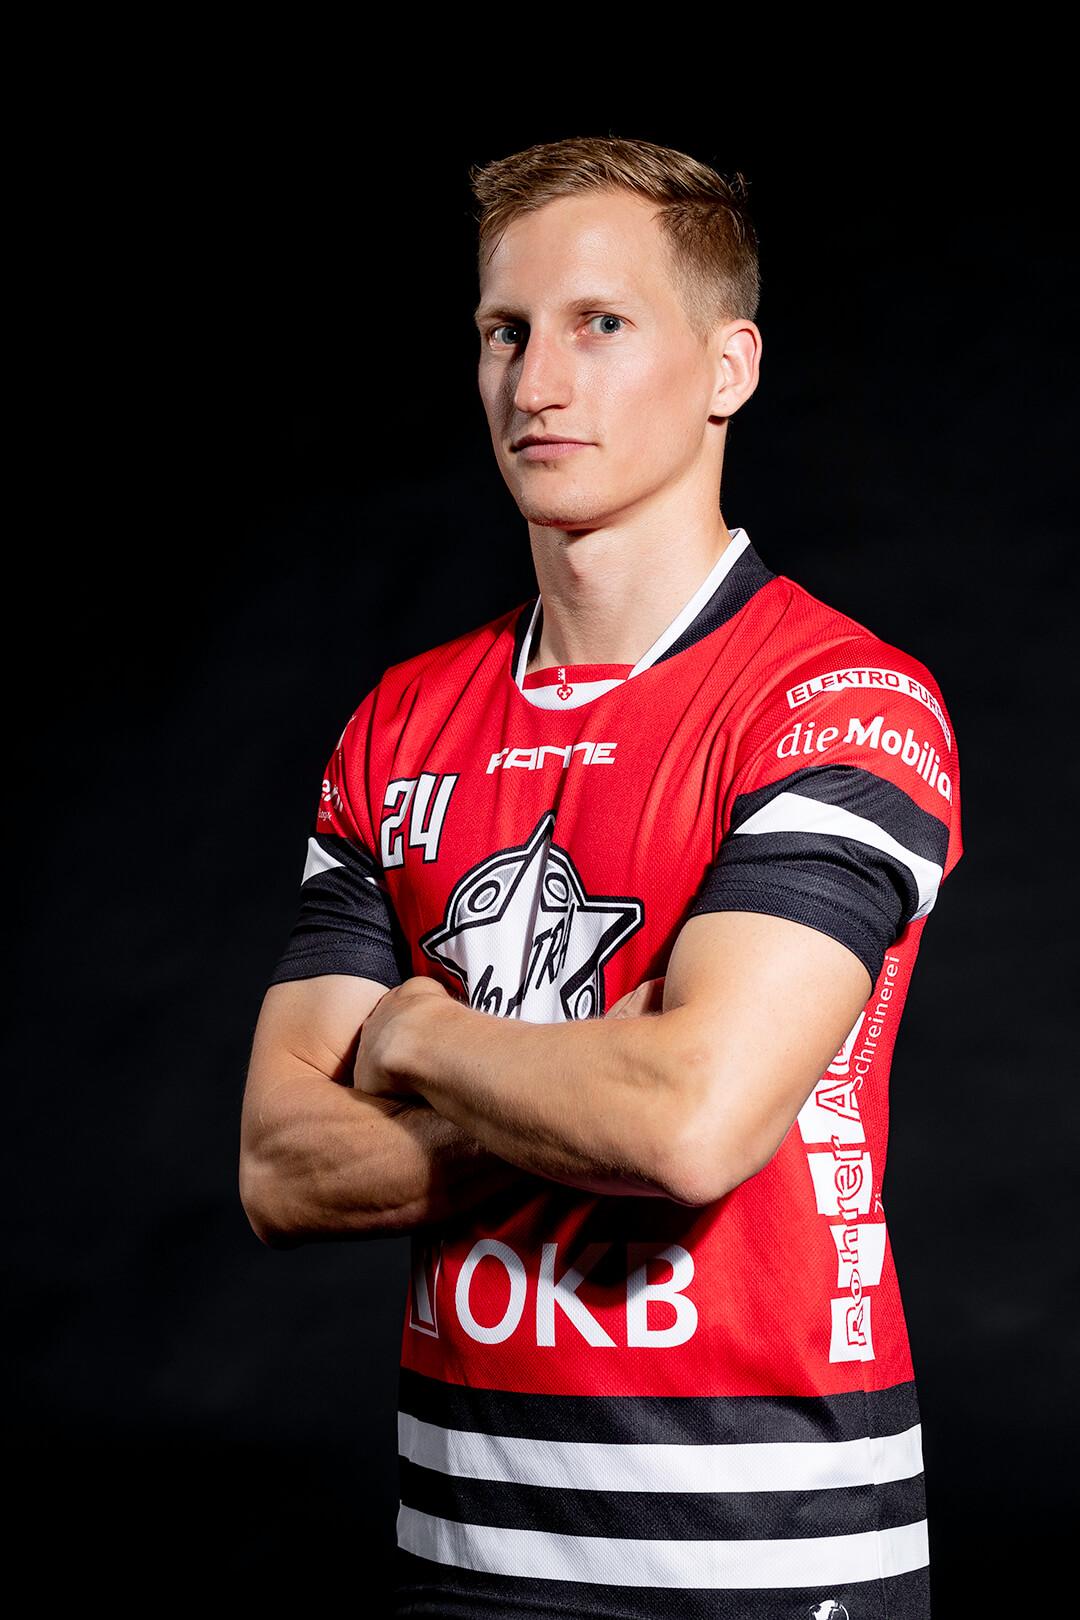 Jonas Höltschi